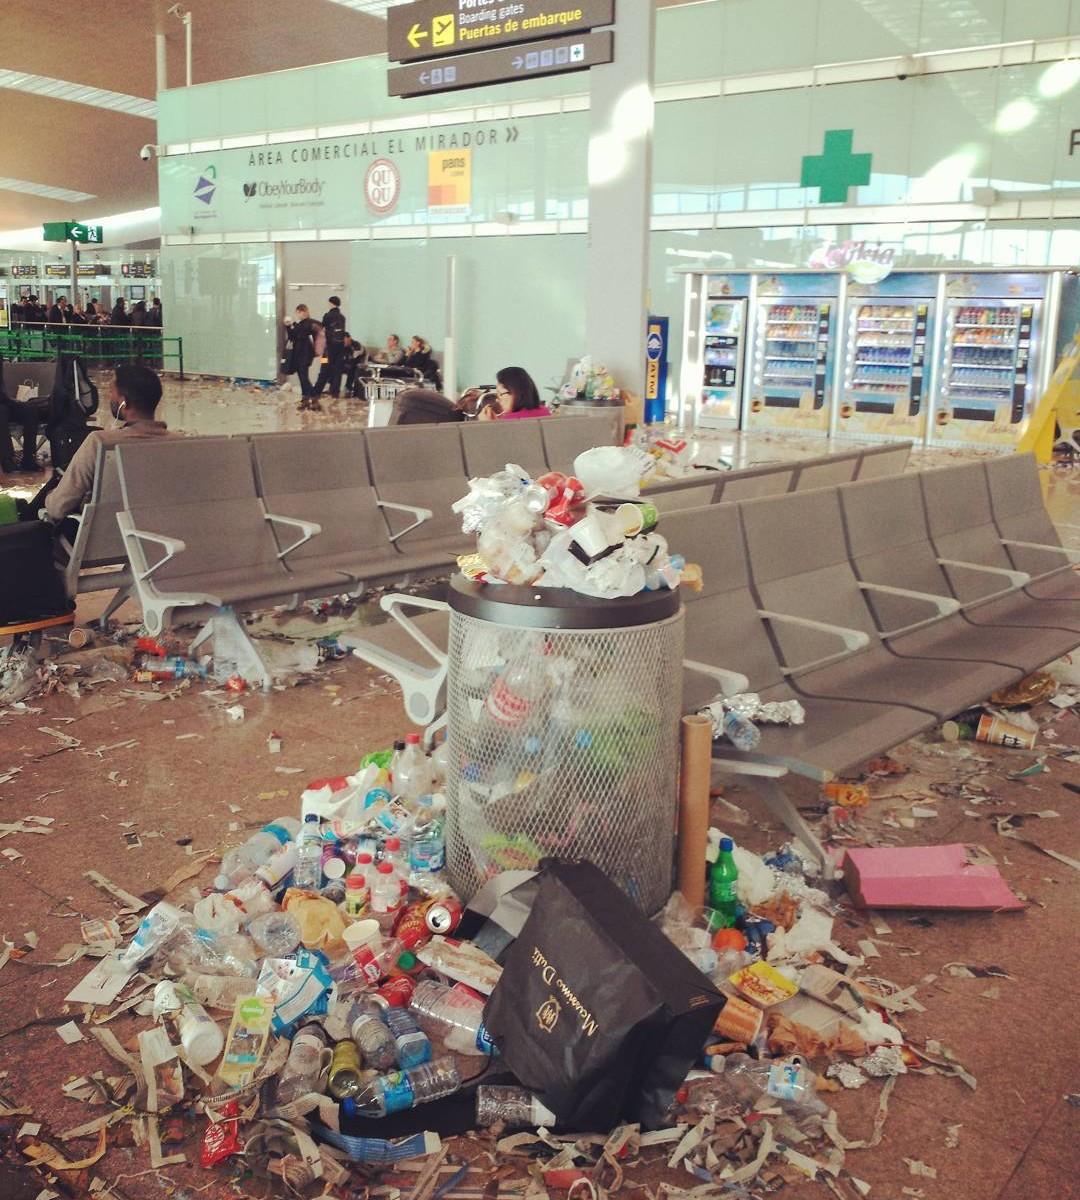 Забастовка мусорщиков в аэропорту Эль Прат (Испания)